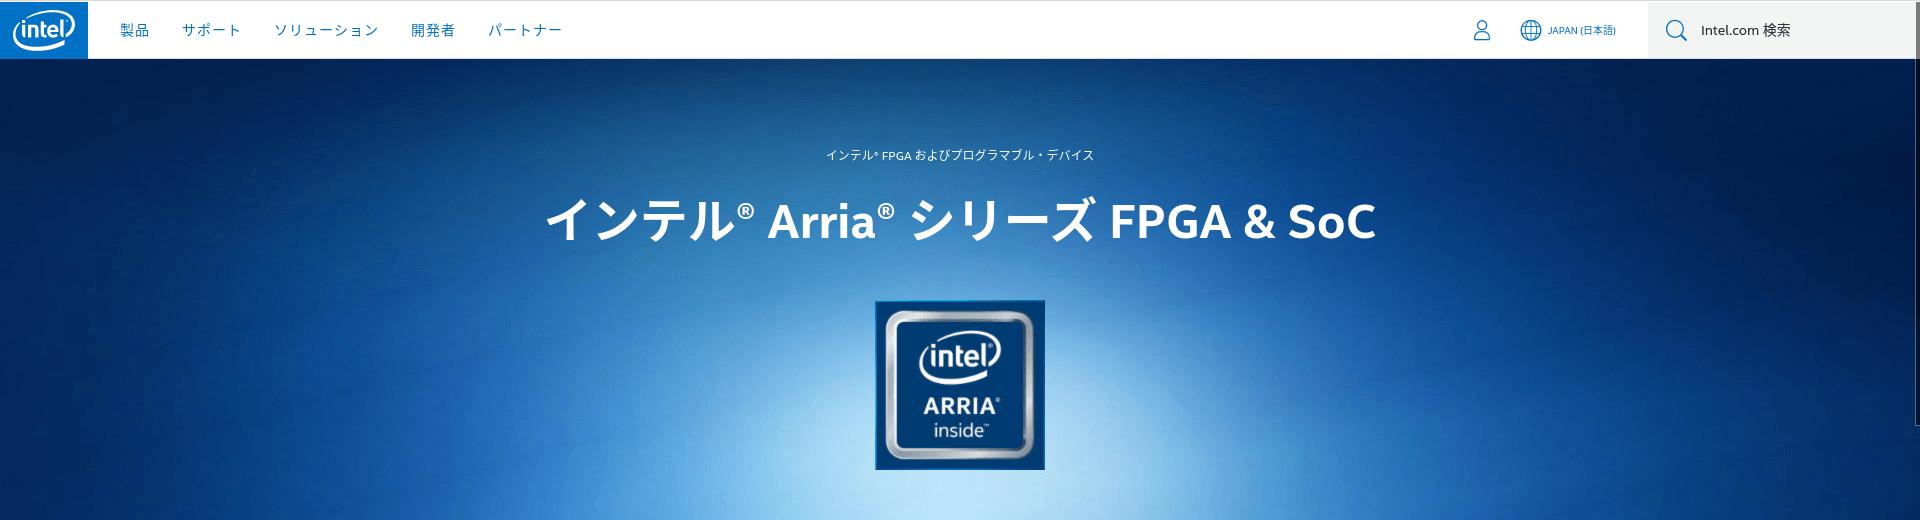 インテル(R) Arria(R) シリーズ FPGA & SoC